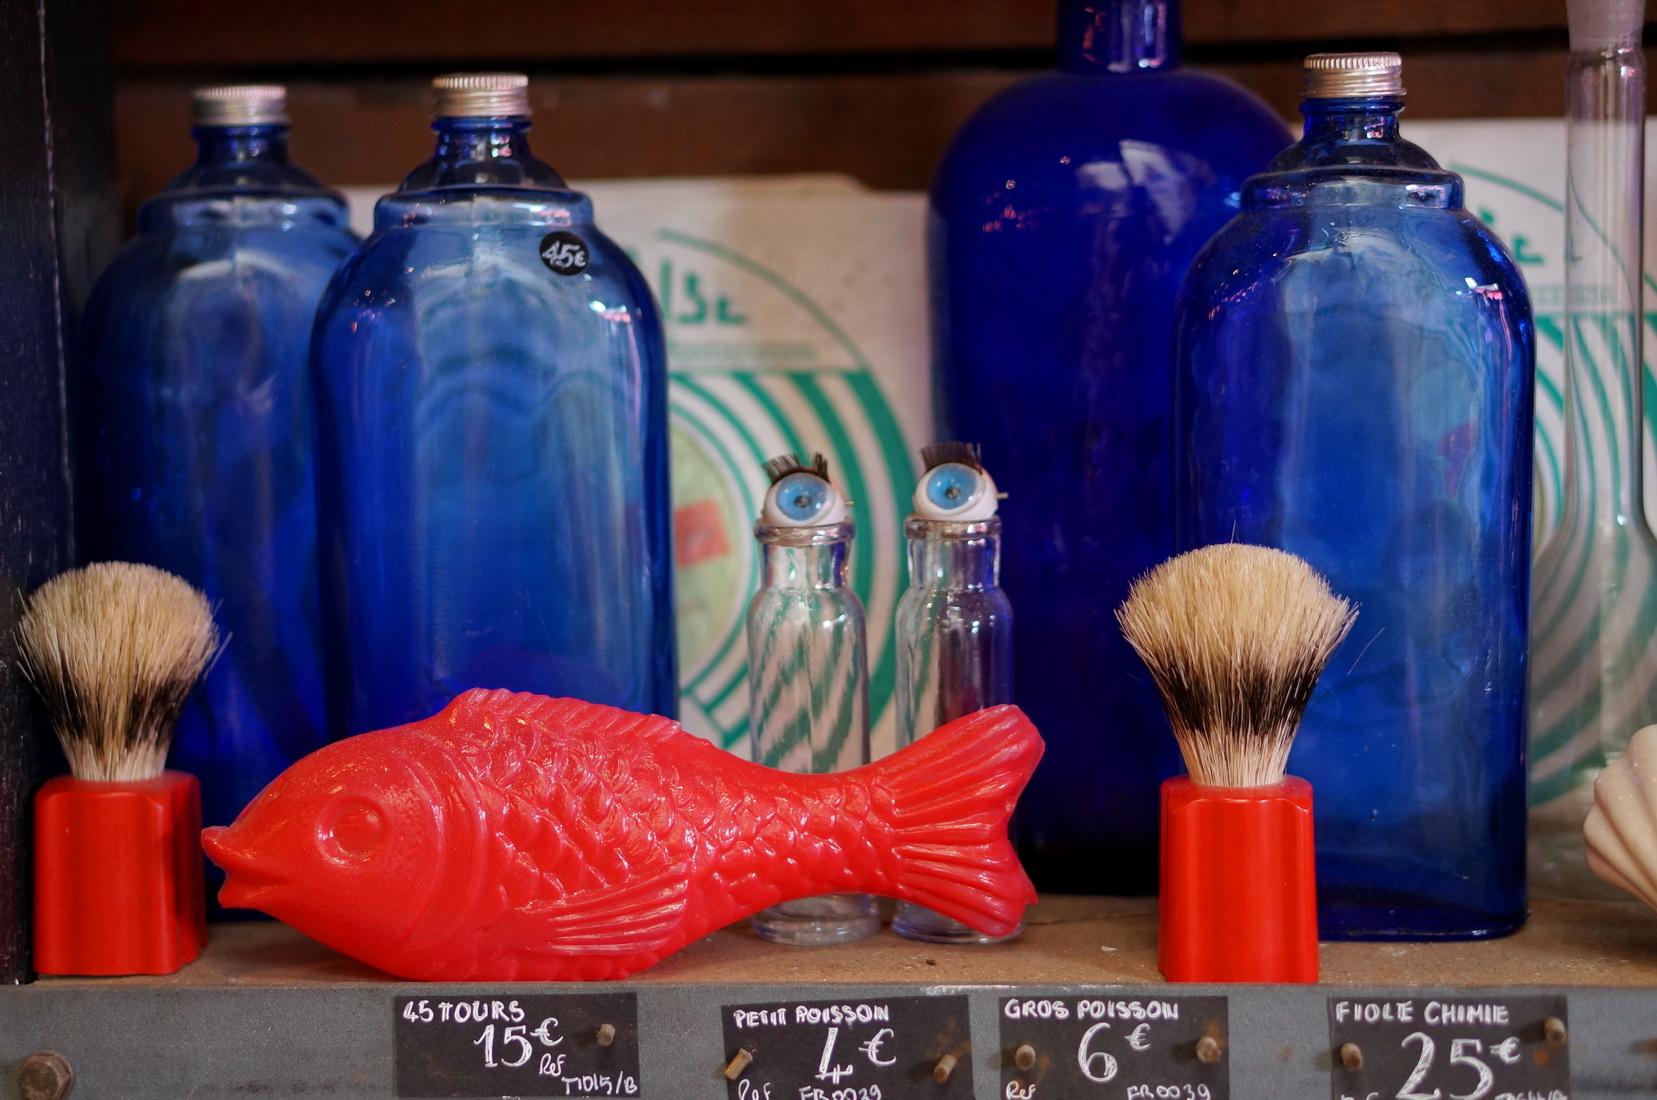 poisson plastique, fioles chinées, bouteilles verre, brocante, retour de chine, vide-grenier, tombées du camion, puces de saint-ouen